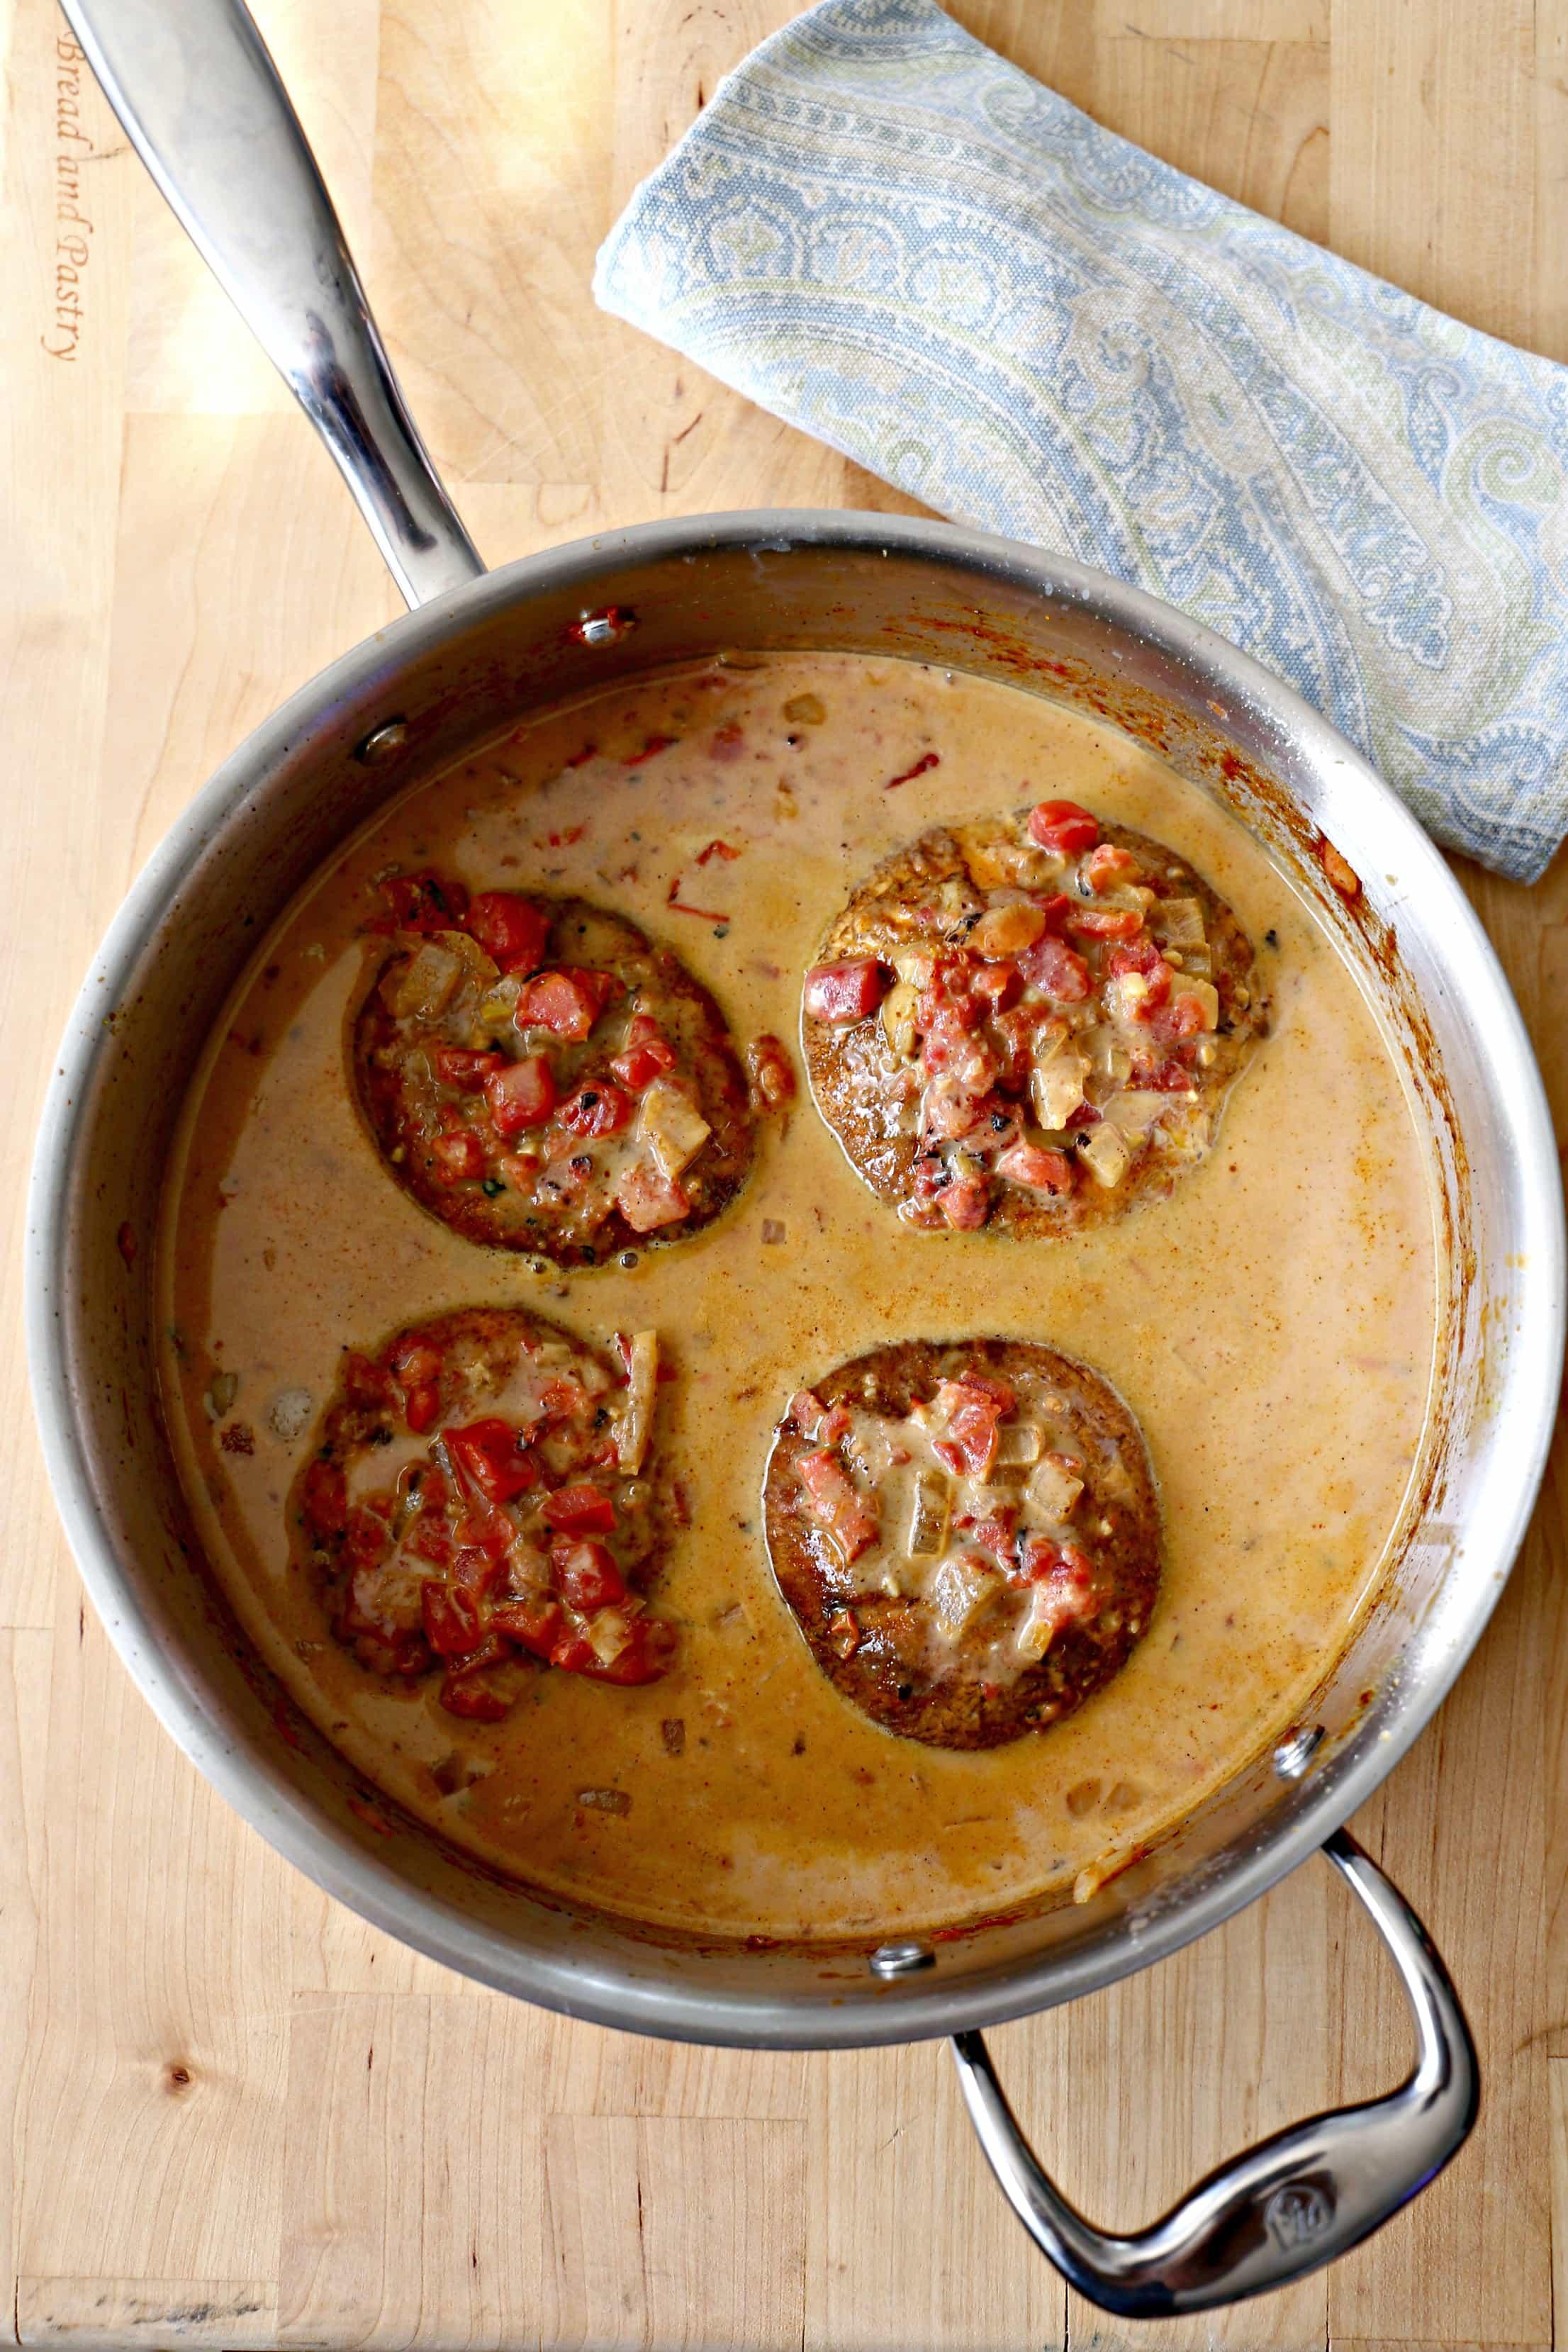 Brazilian Portabella Recipe – So Much Deliciousness in One Pan